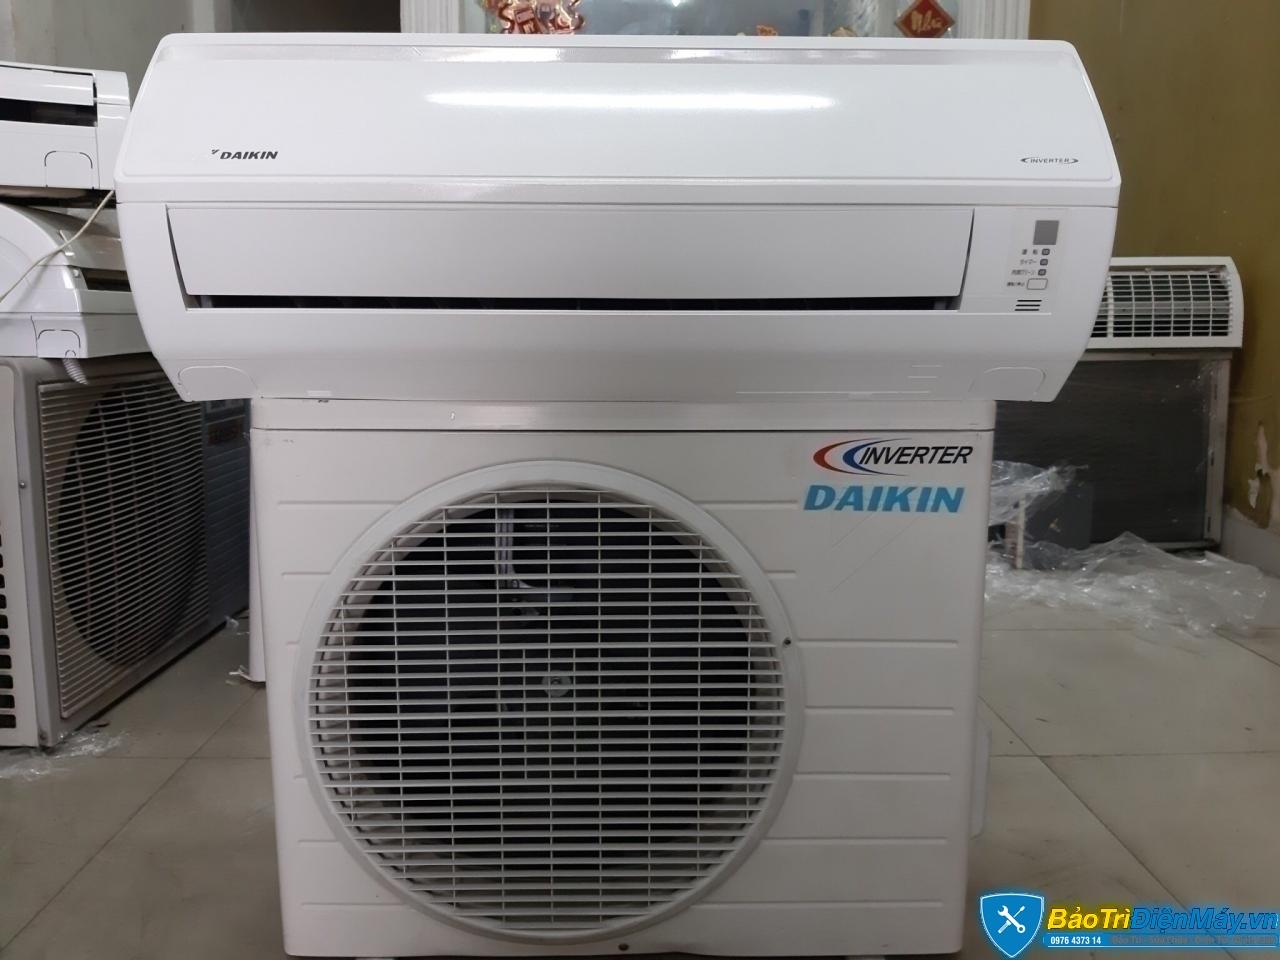 Kết quả hình ảnh cho Máy lạnh Daikin nội địa Inverter 1hp